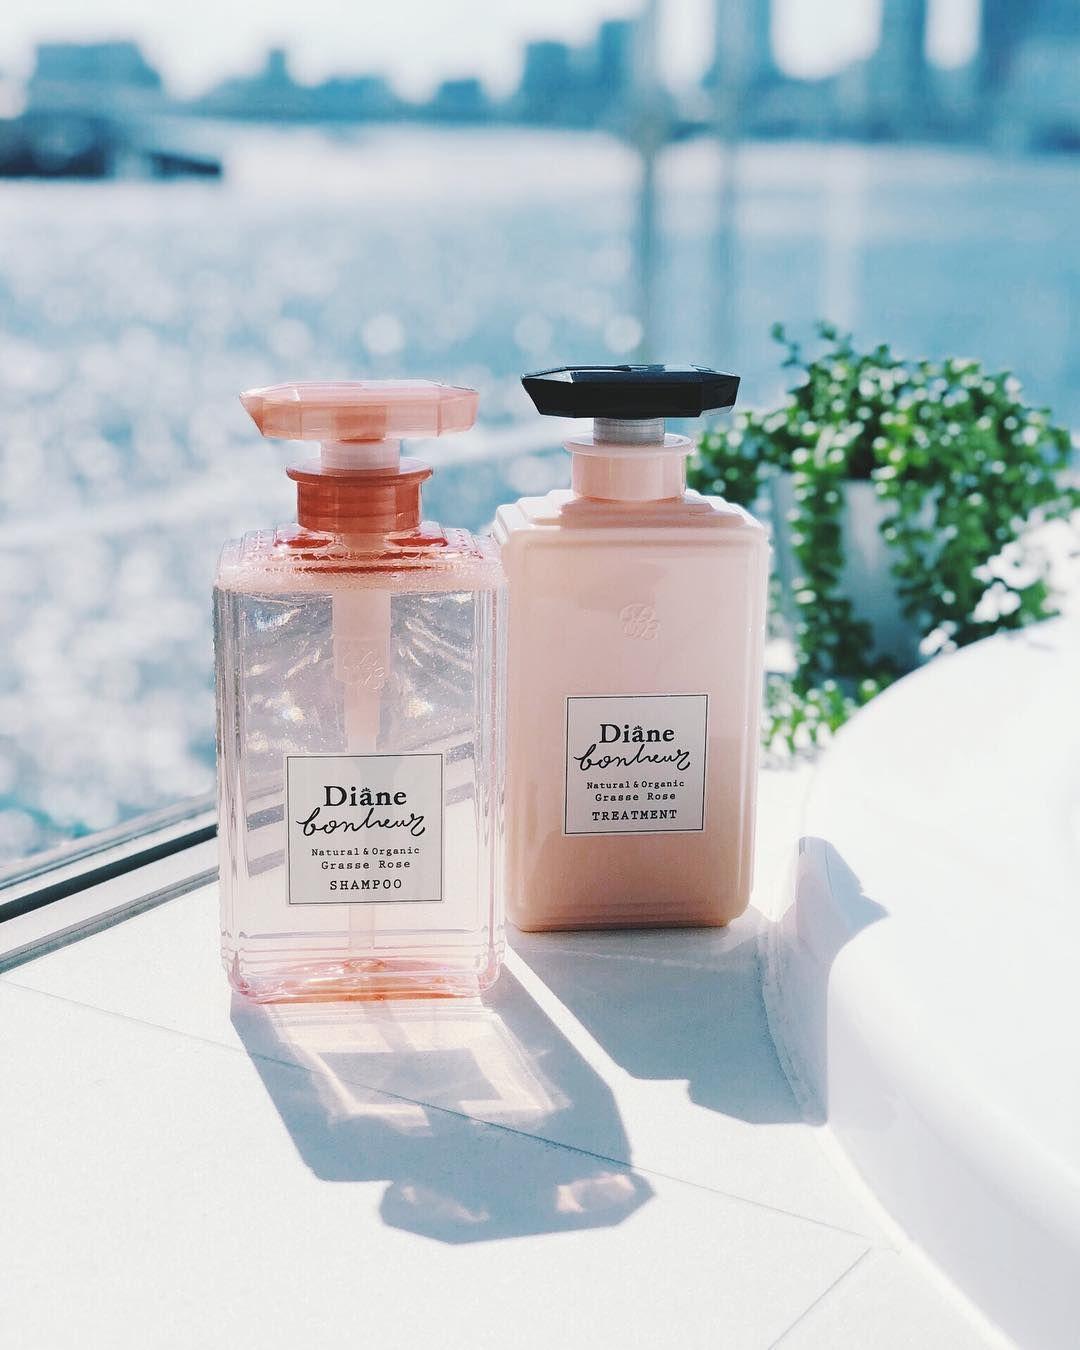 これは惚れる 美容オタクがリピ買いしてる いい香りのシャンプー